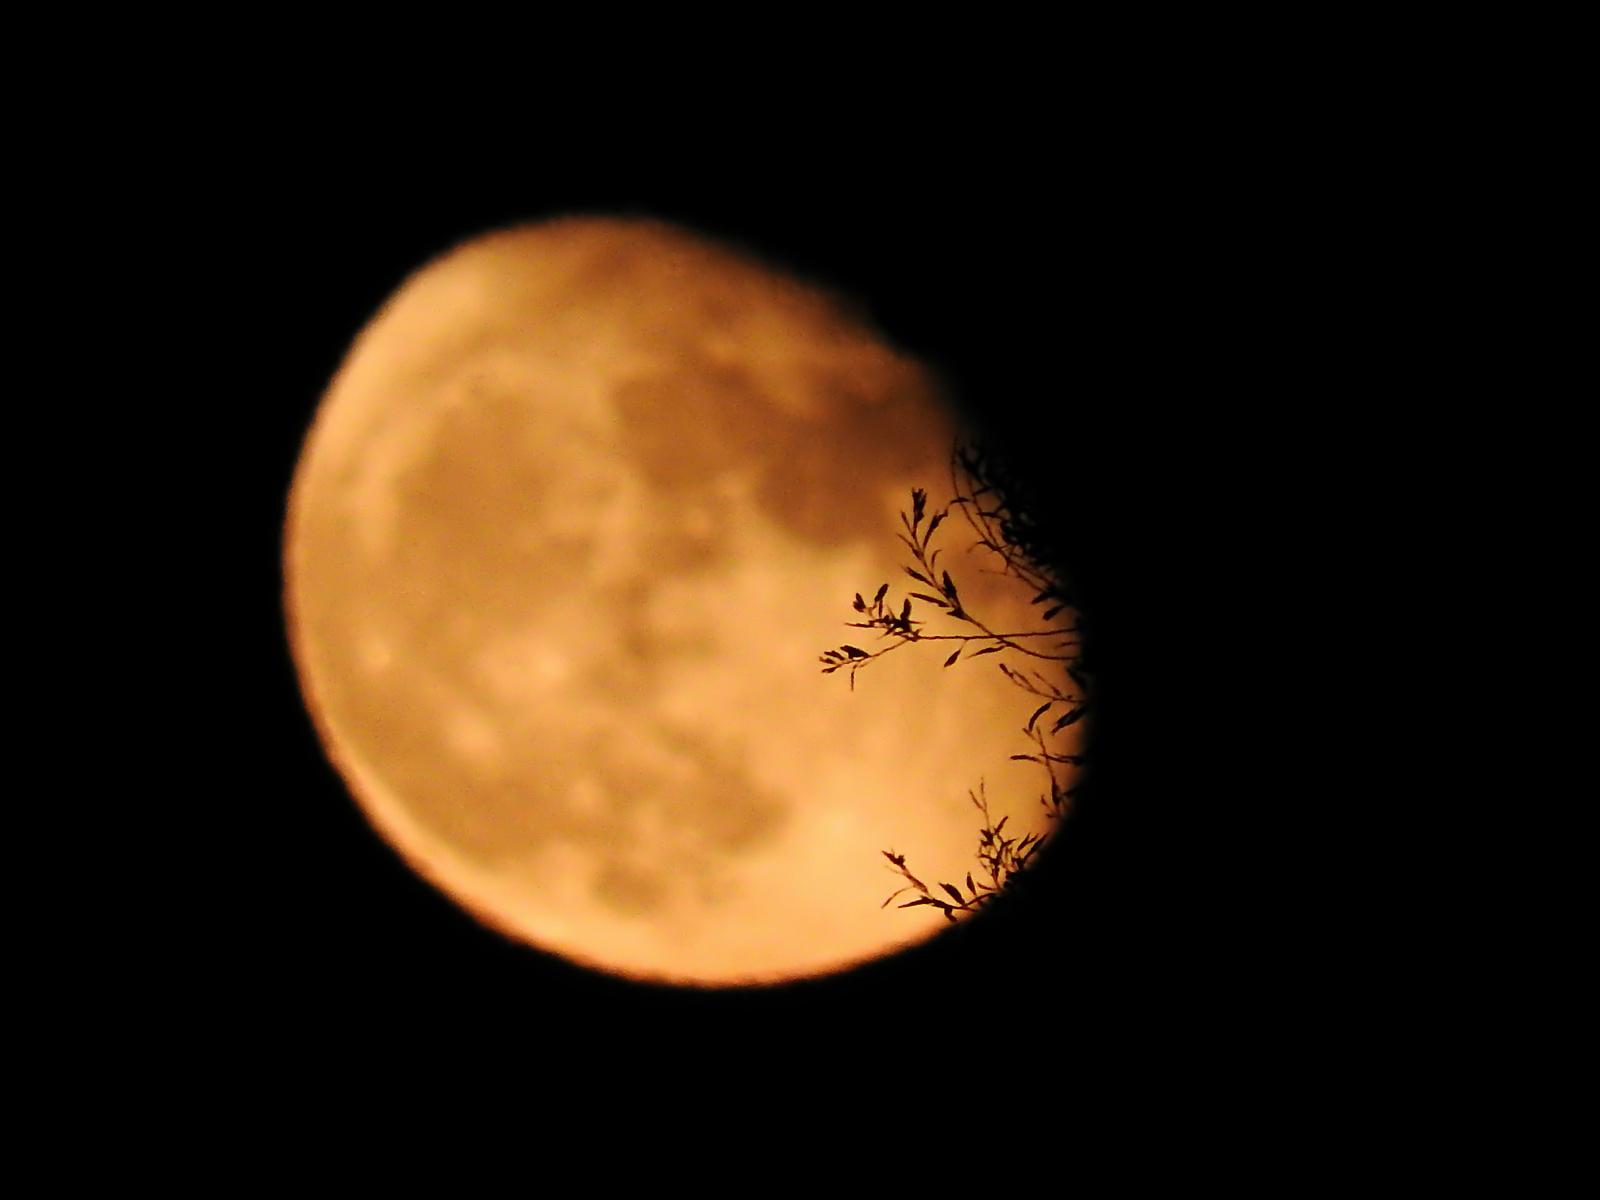 Fogyó Hold a háttérben és a faágak